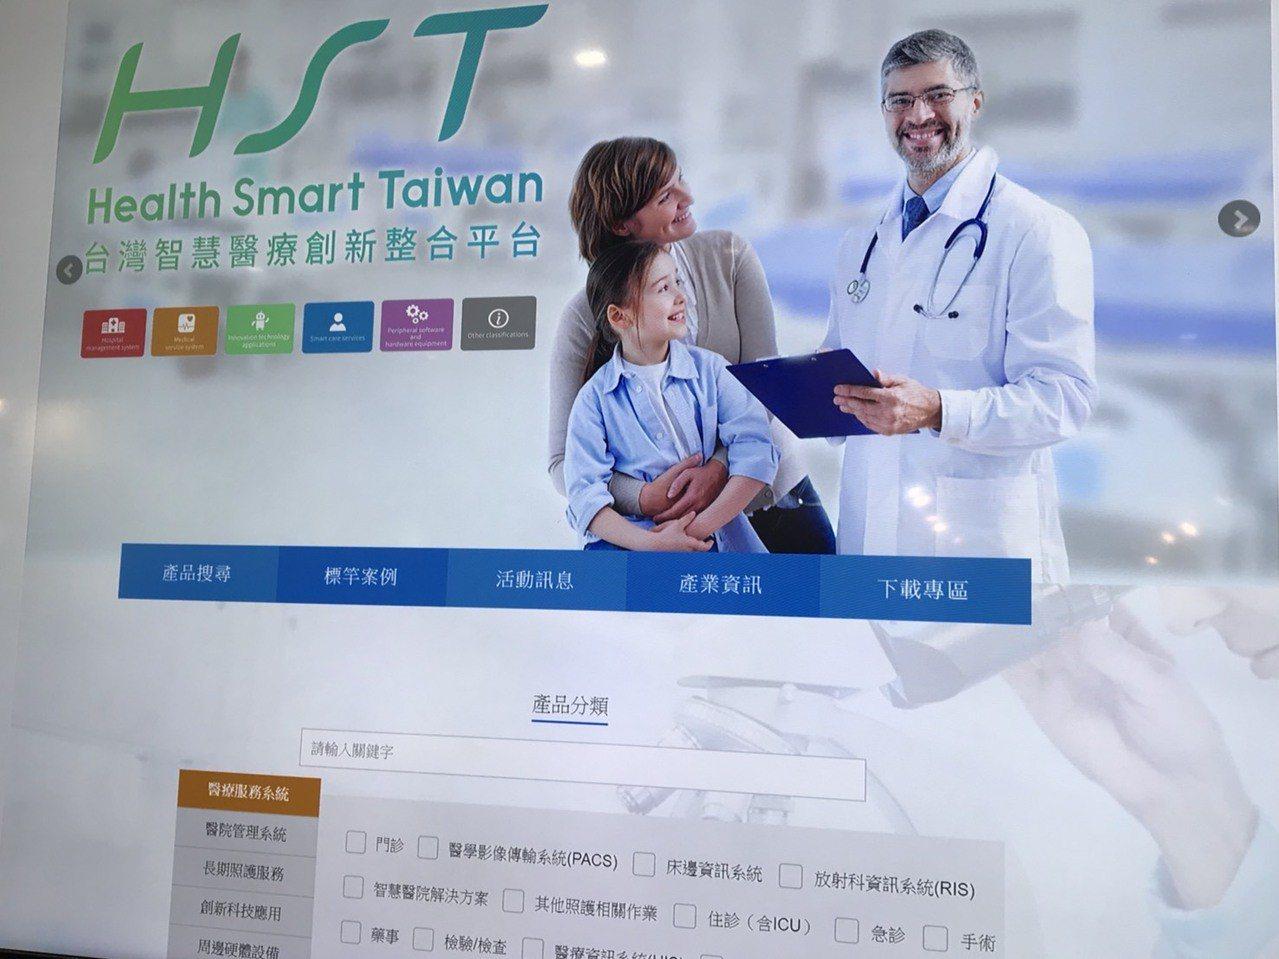 台灣智慧醫療創新整合平台分為醫療服務、醫院管理、創新科技等六大分類;至今已有 3...